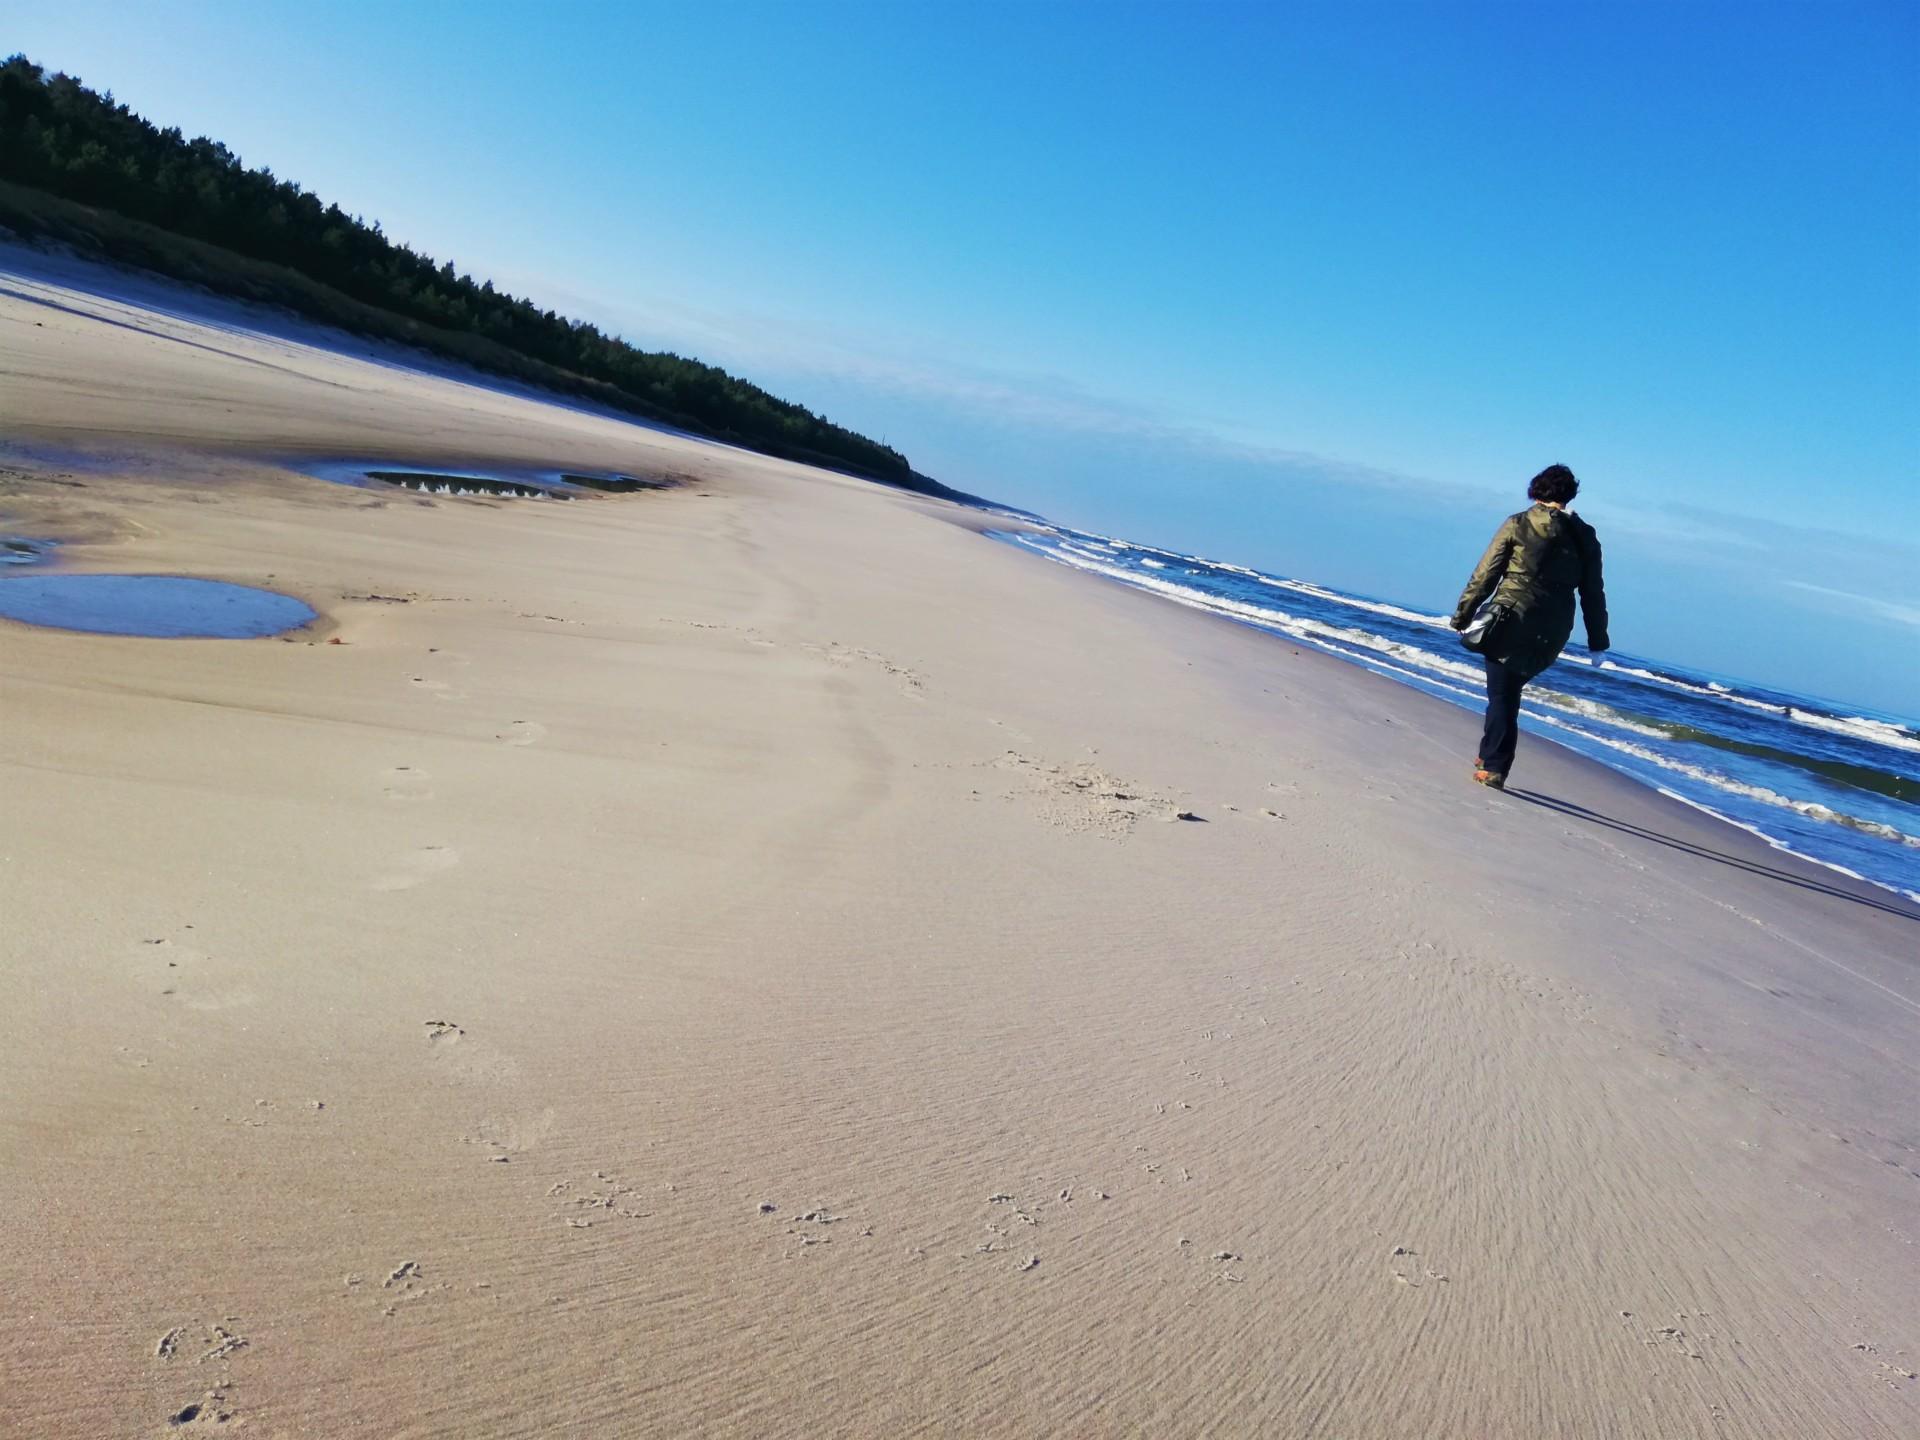 Plaża we władaniu przyrody. Lubiatowo - Kopalino, listopad 2019 4